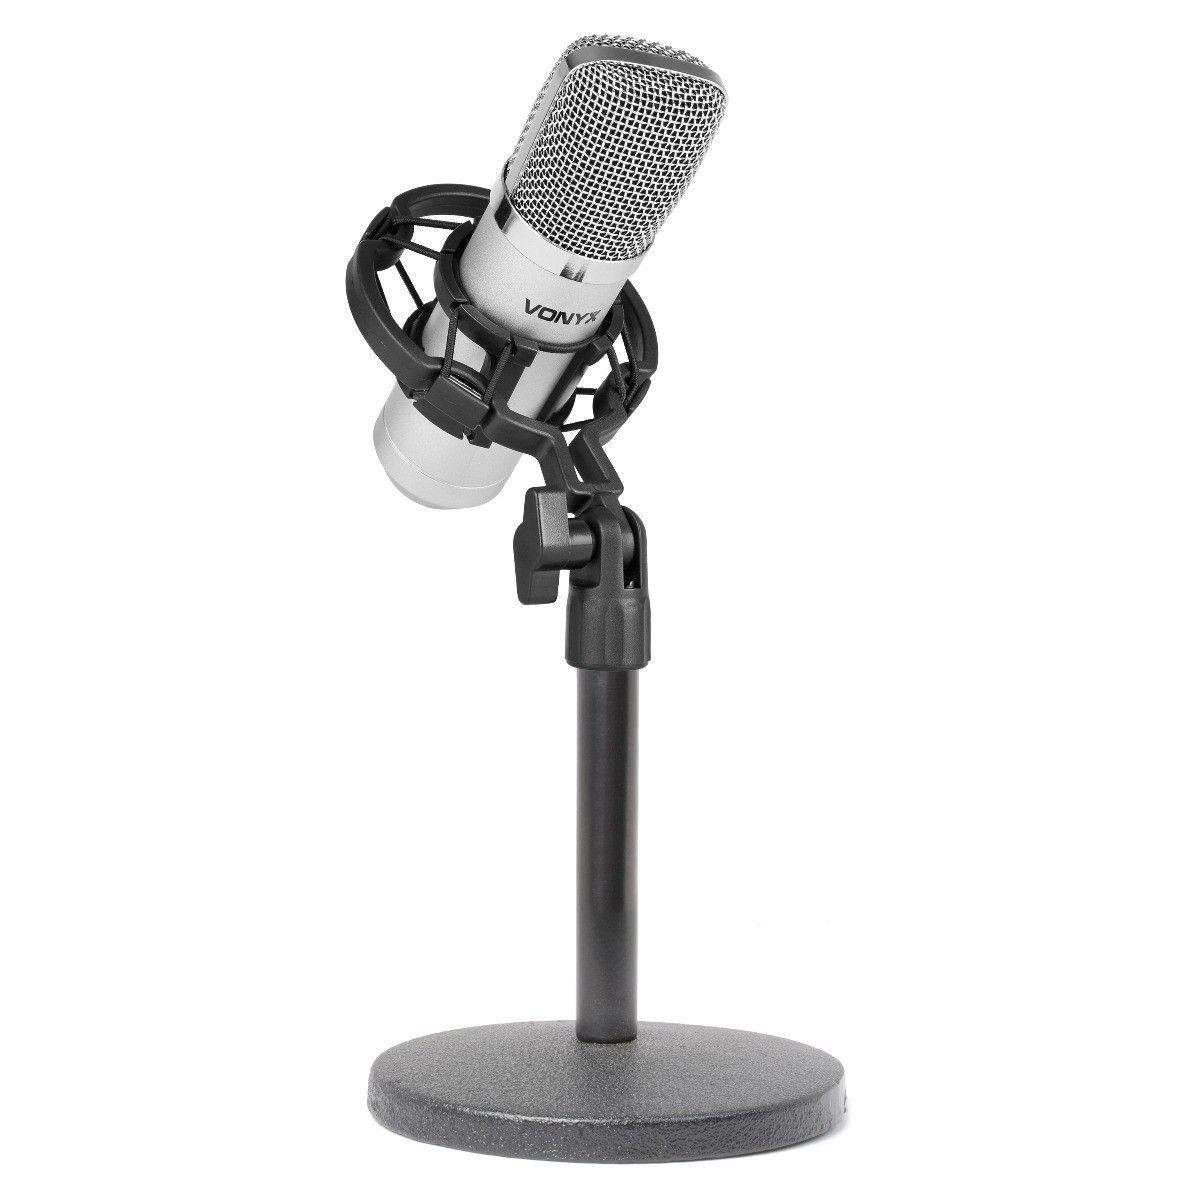 Vonyx CM400 studio condensator microfoon met tafelstandaard